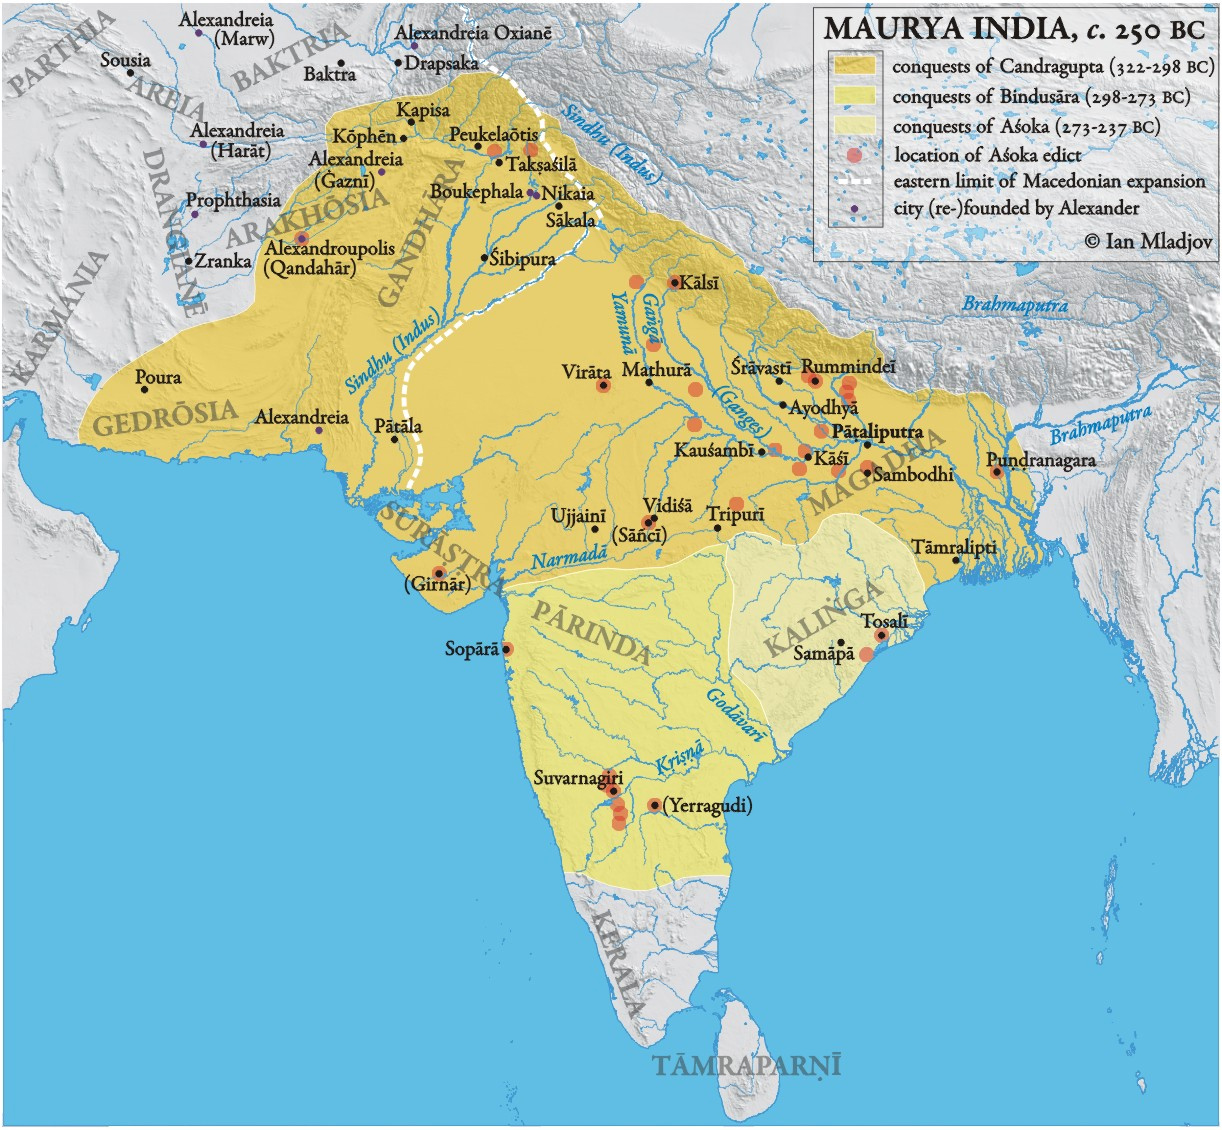 Империя Маурьев в разные годы - вся северная часть государства - заслуга Чандрагупты, южный «кусок» (Паринда) - его сына Биндусары, а восточнее (территория Калинги) - внука Ашоки.